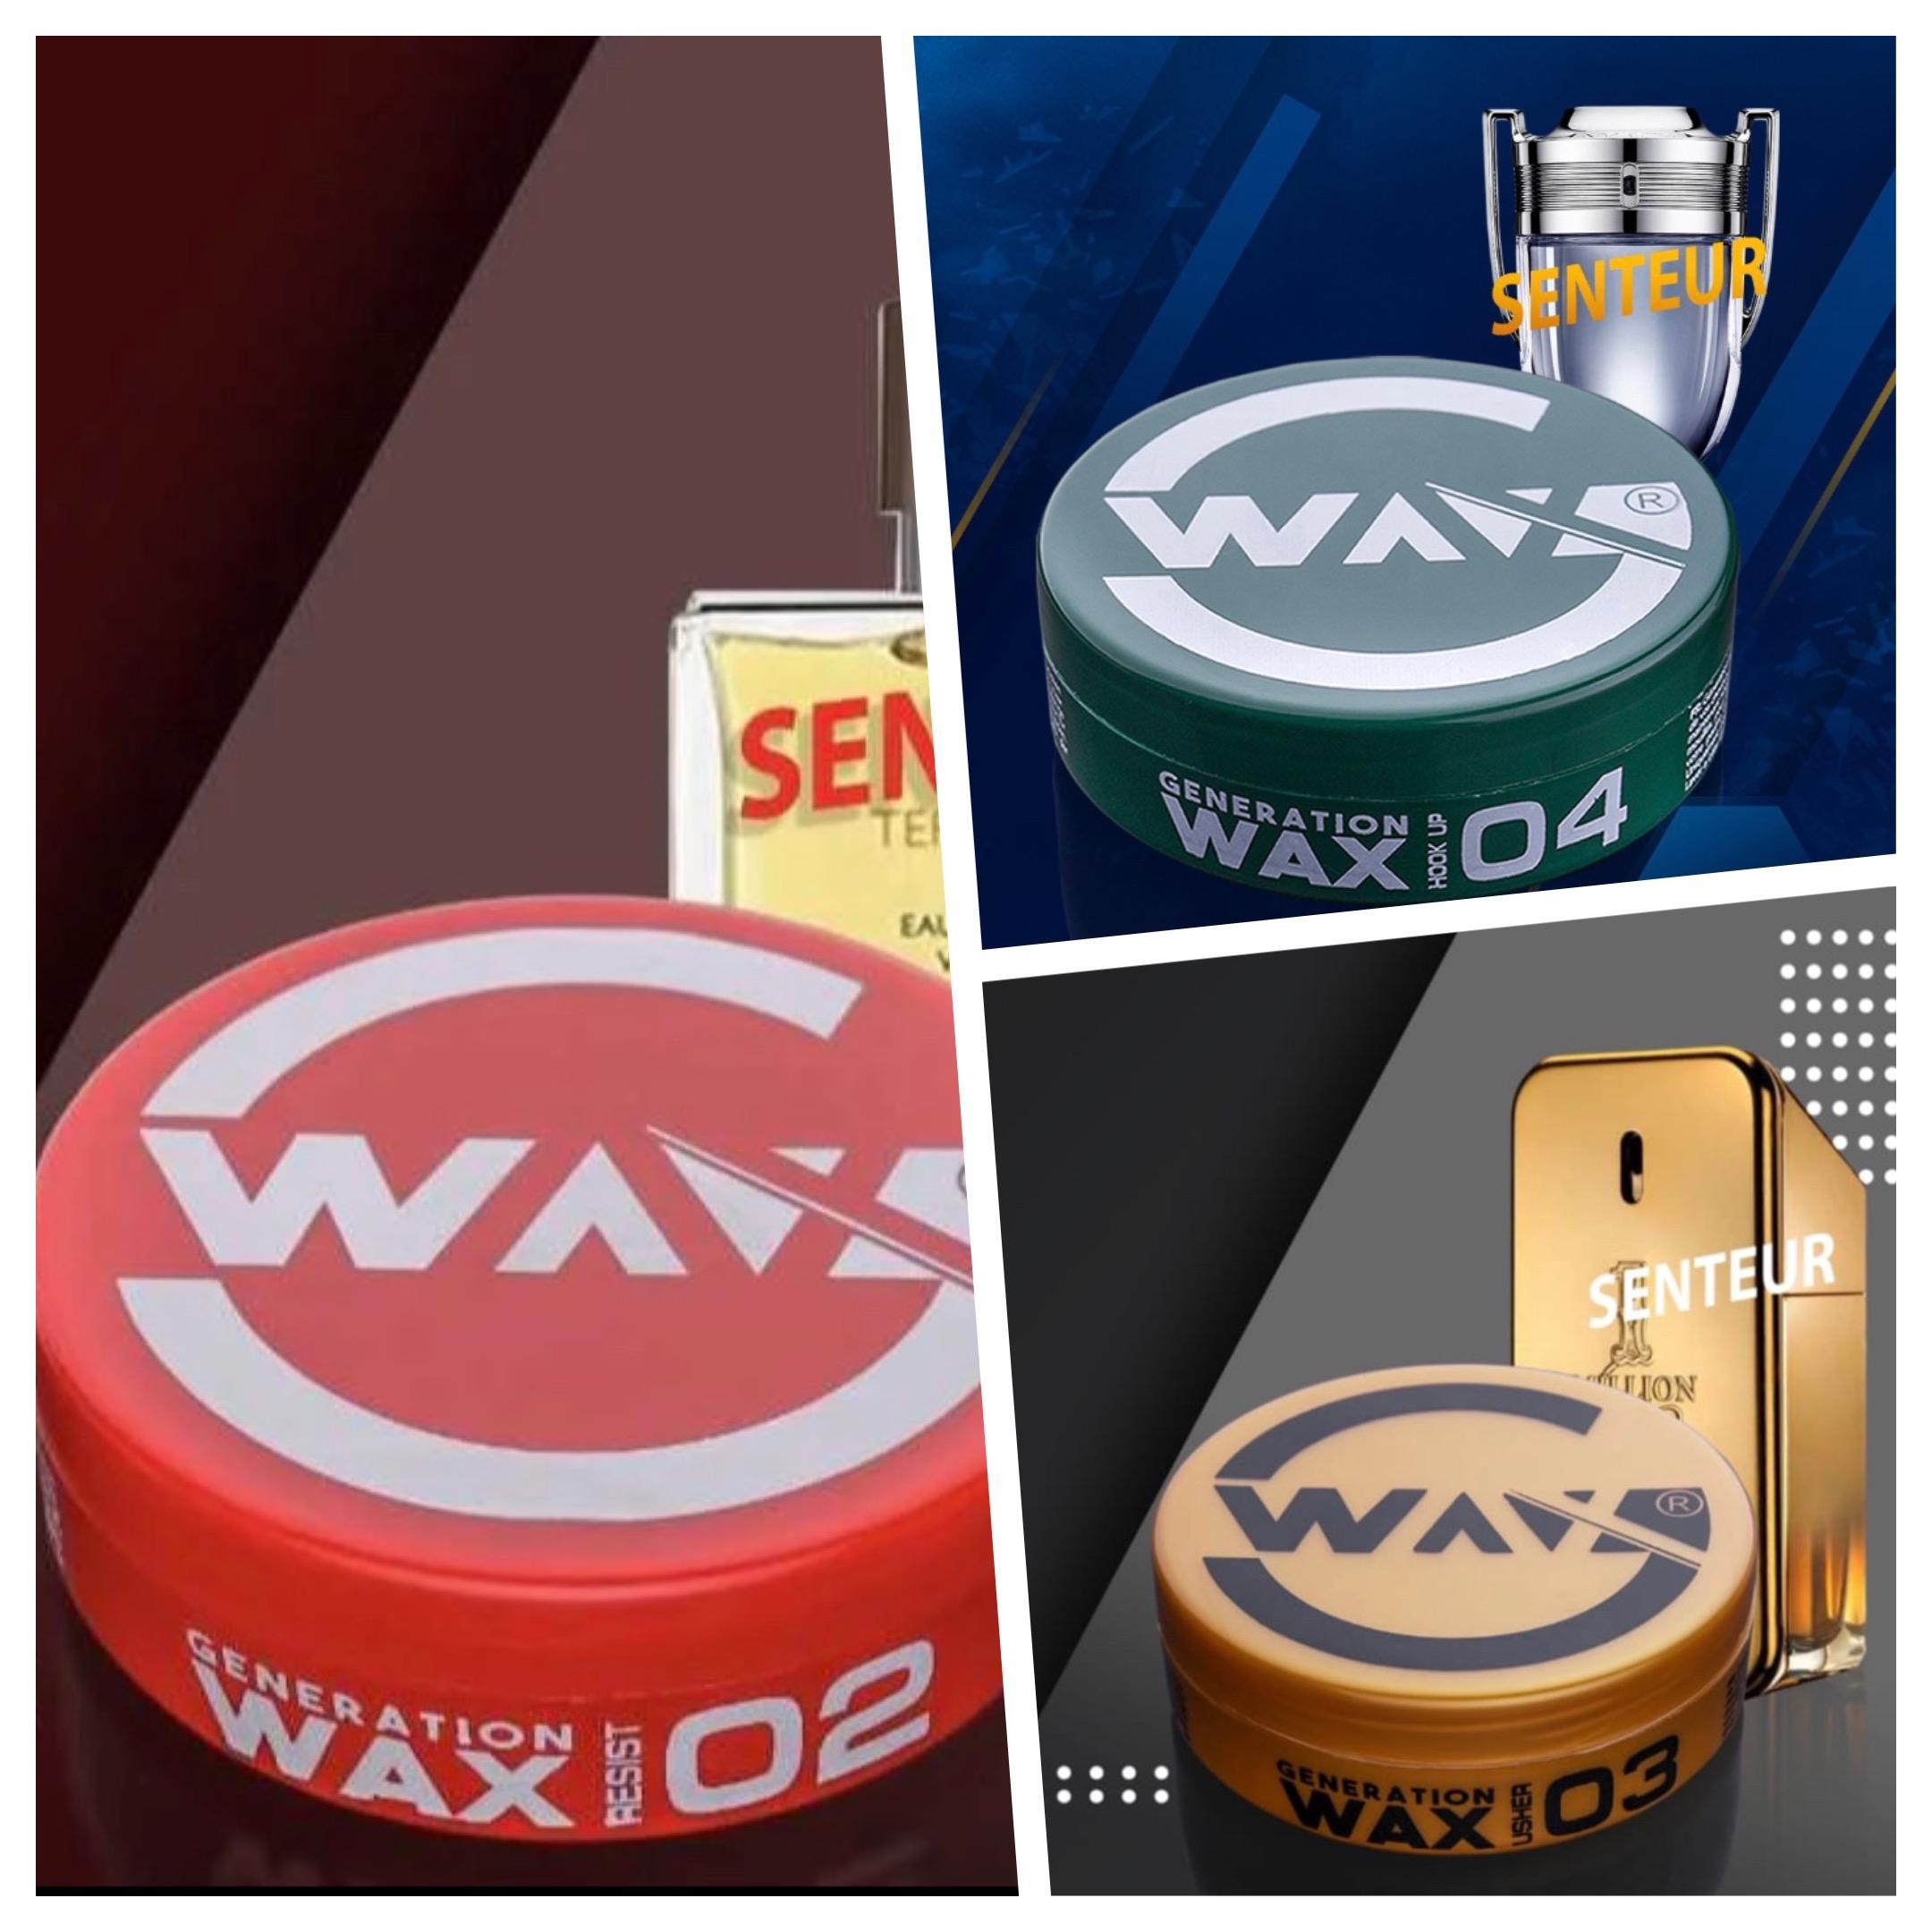 Pack 3 Cires Coiffantes Parfumées Génération Wax rend une clarté naturelle au cheveux tout en les maintenant souple et en les parfumant